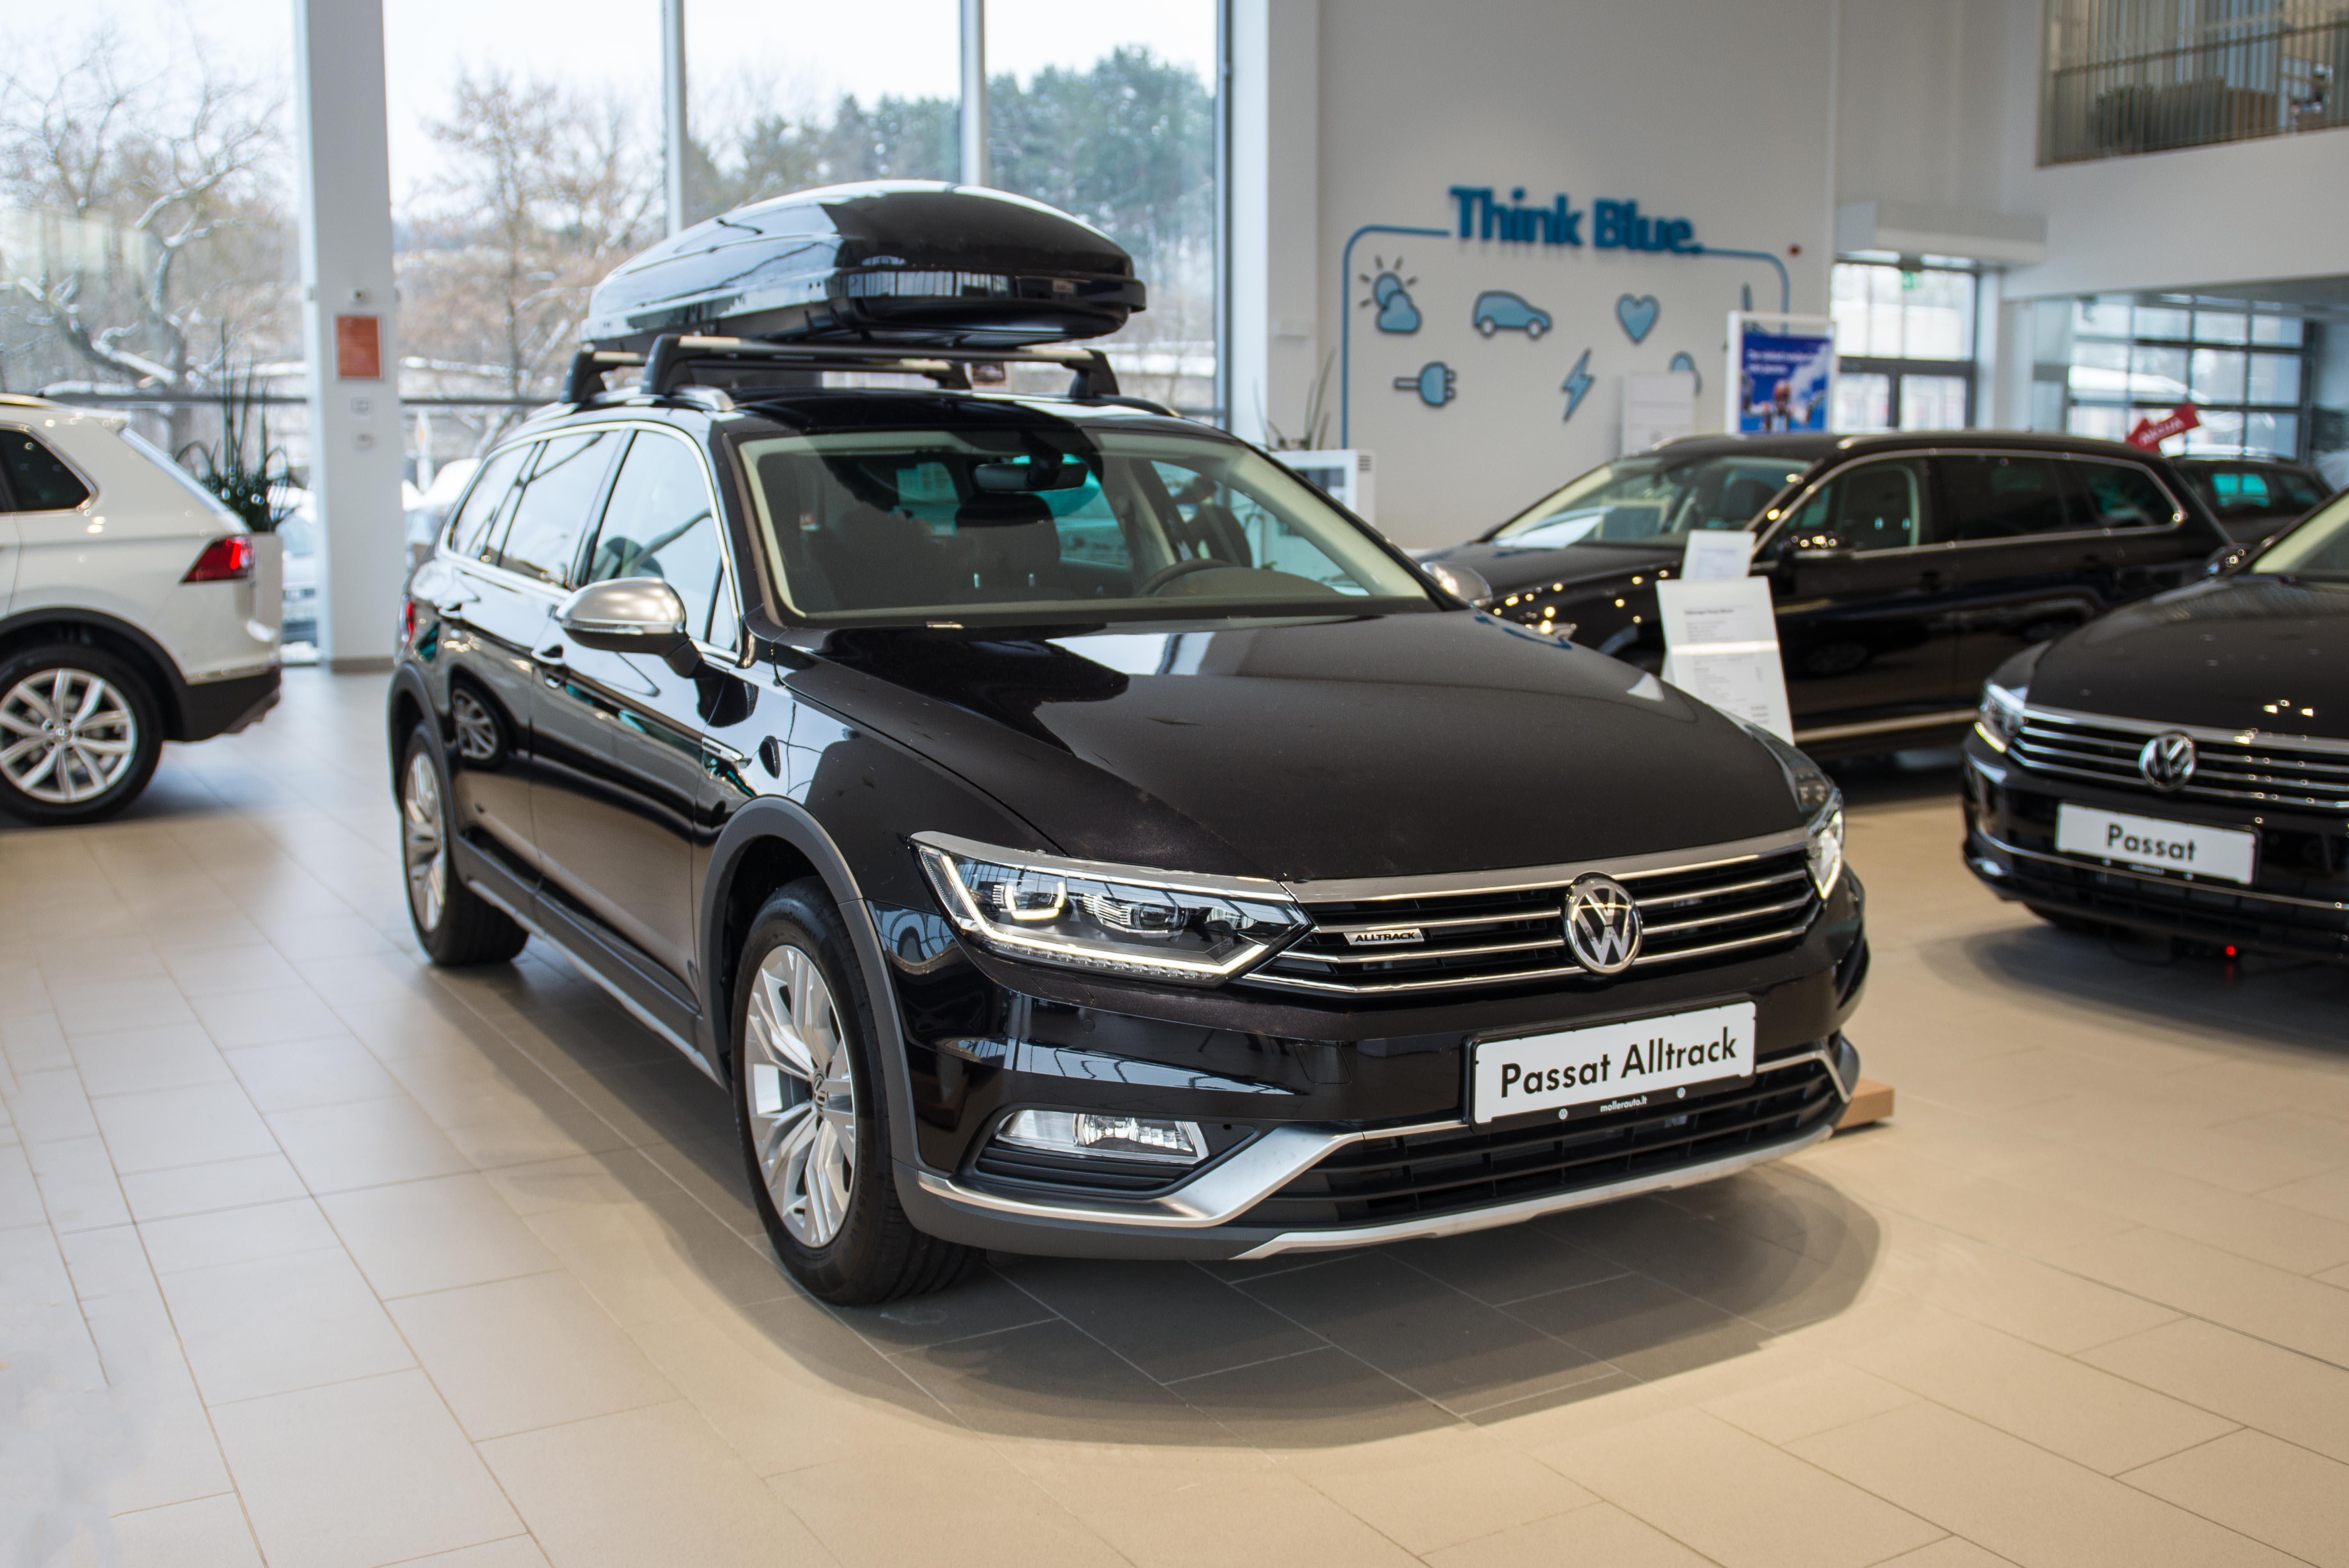 Volkswagen Passat Alltrack 2.0 TSI 220AG DSG 4Motion